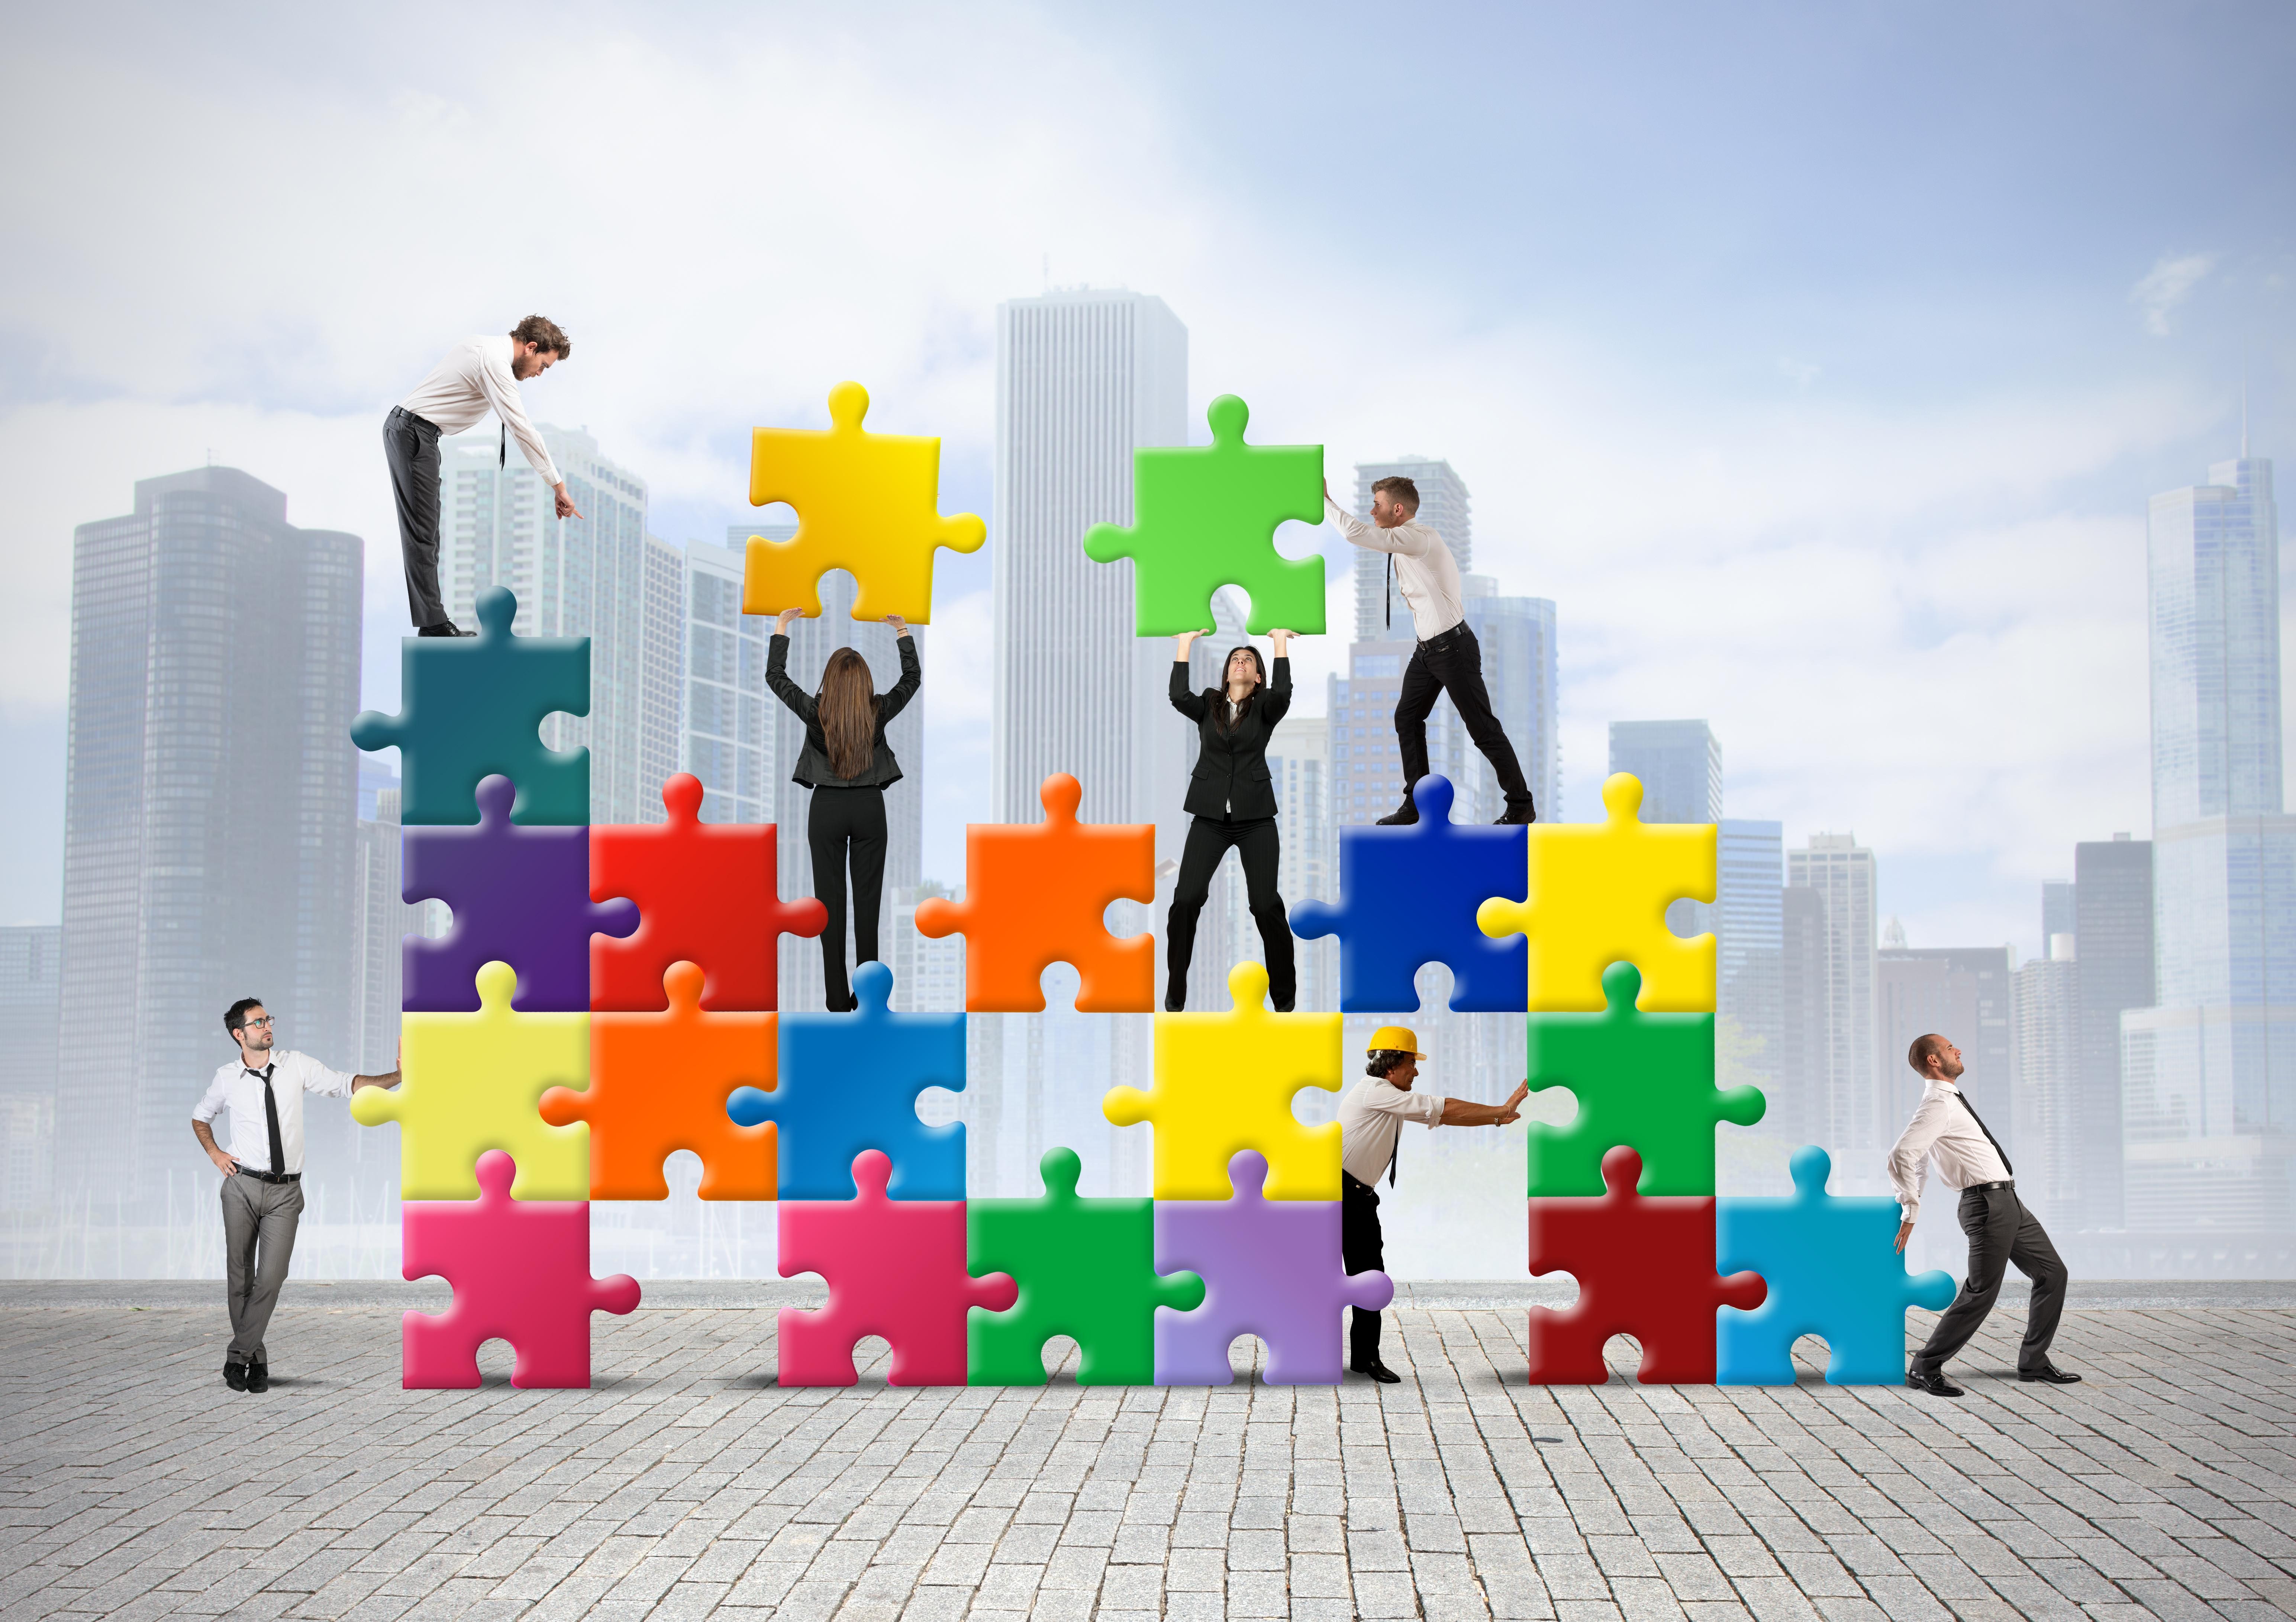 Δημόσιοι υπάλληλοι - Όλες οι νέες άδειες σύμφωνα με τους ν. 4808/2021 και 4830/2021